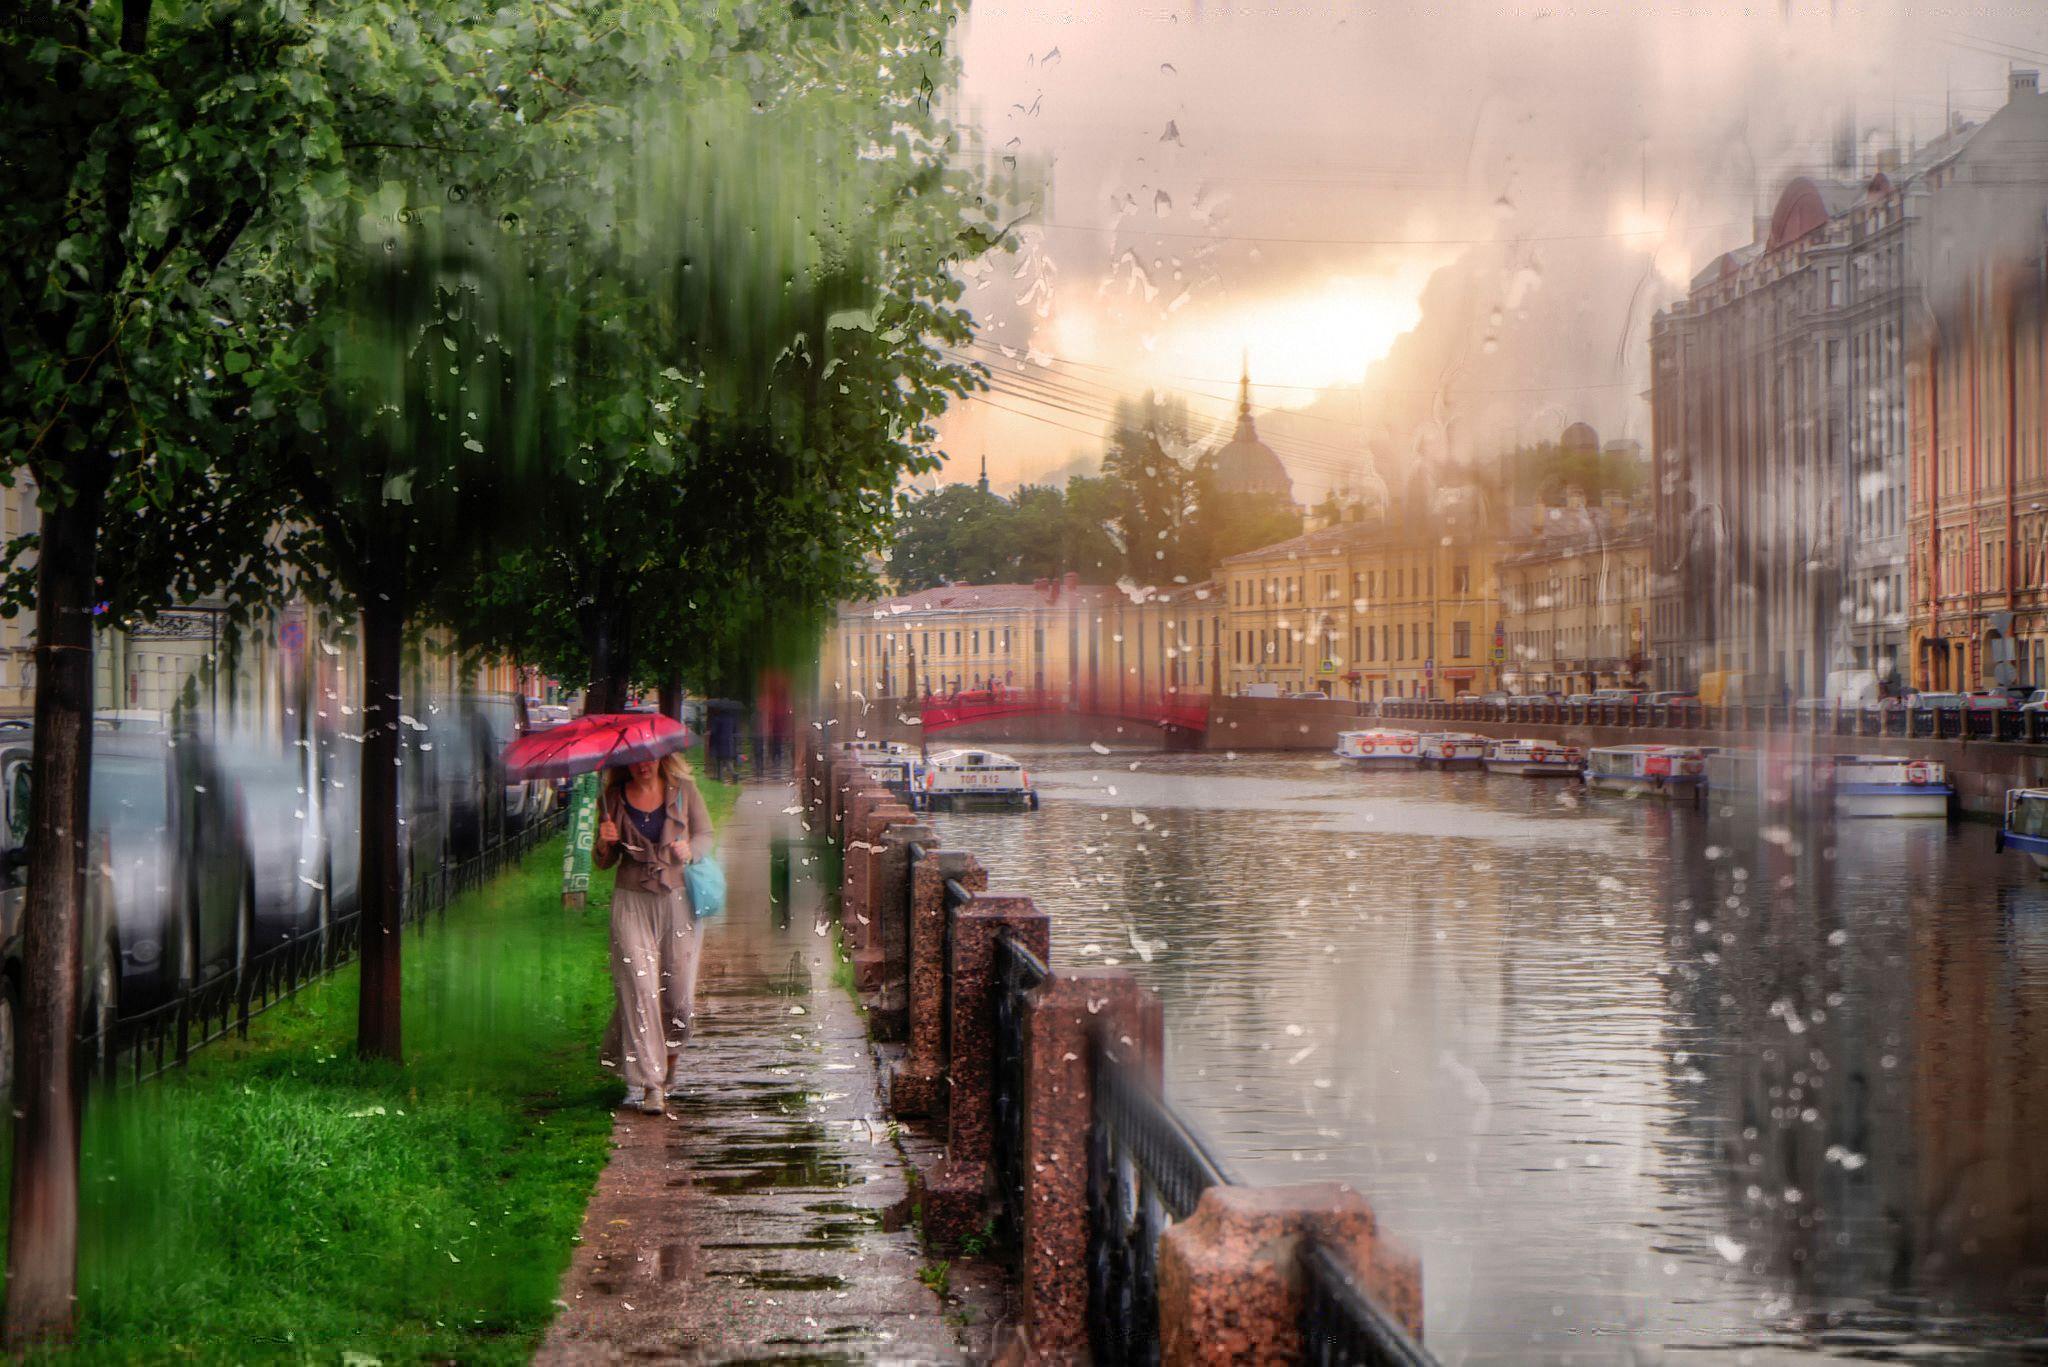 щенков вышлем фото город под дождем разговаривает, обычно произносит